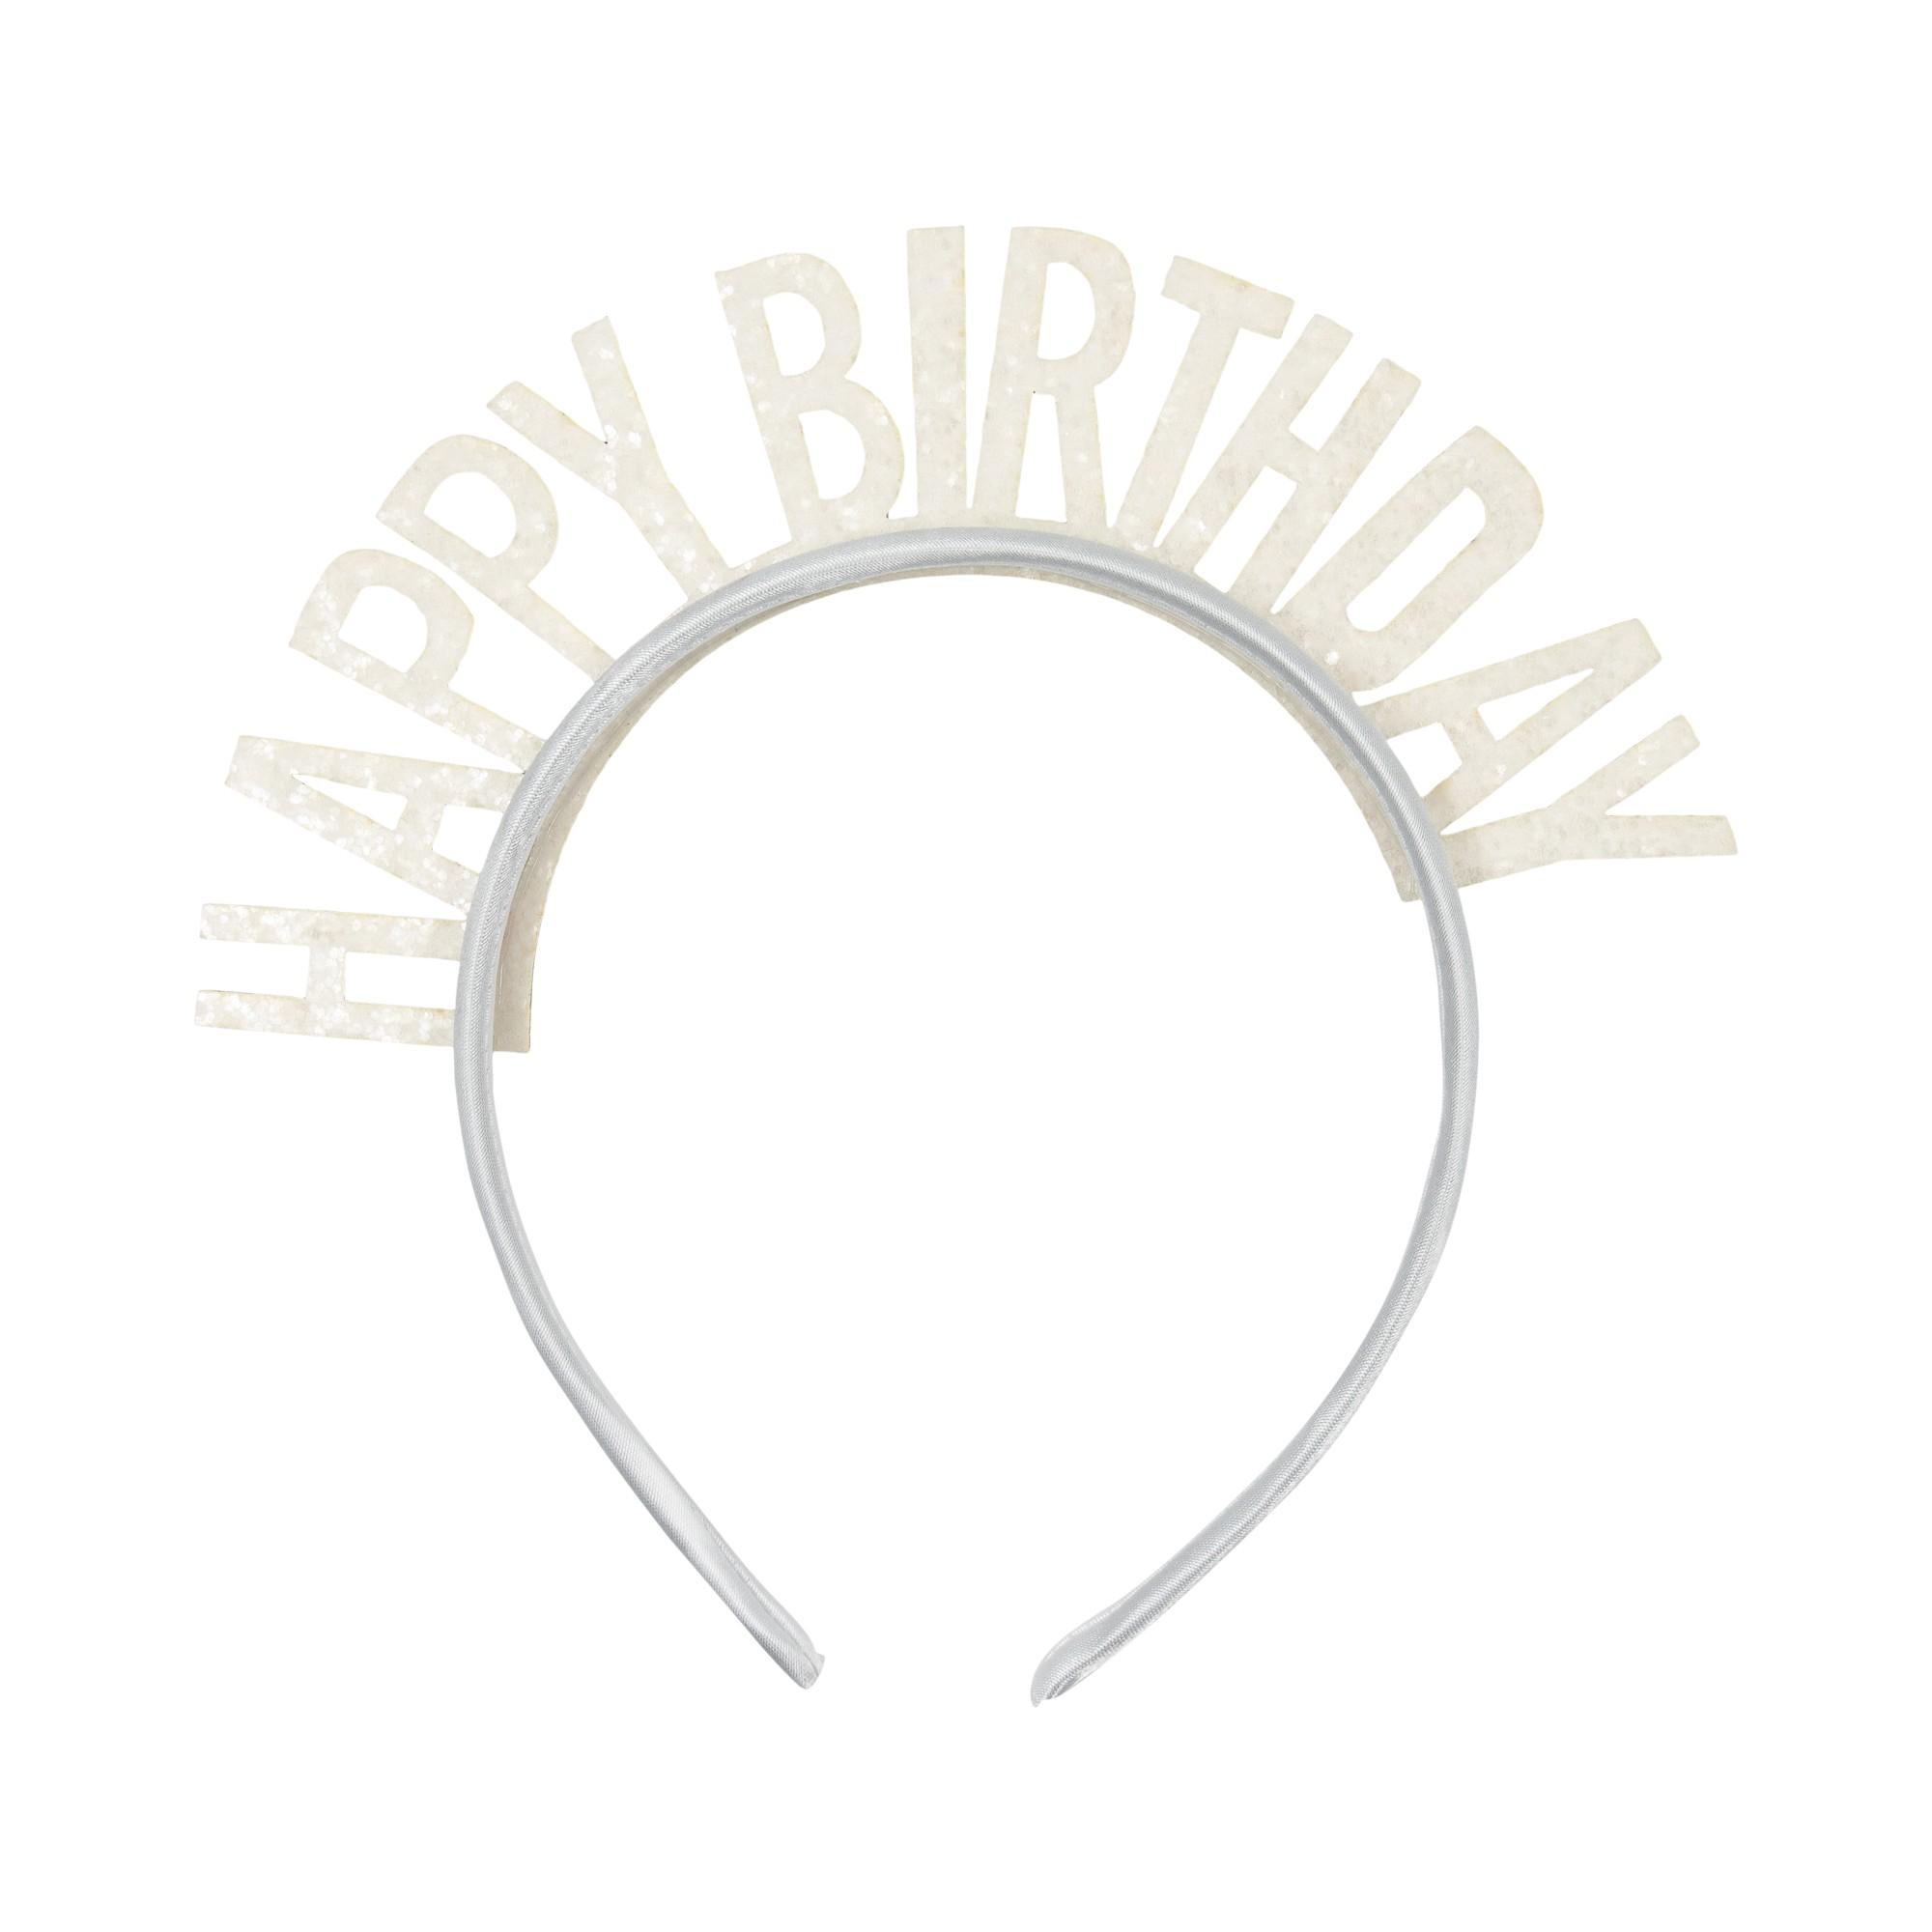 קשת Happy Birthday לבן נוצץ, קשת, כתר, כתר יום הולדת,, קשת יםו הולדת, יום הולדת, Happy Birthday, אביזרים ליום הולדת, אביזרים למסיבת יום הולדת